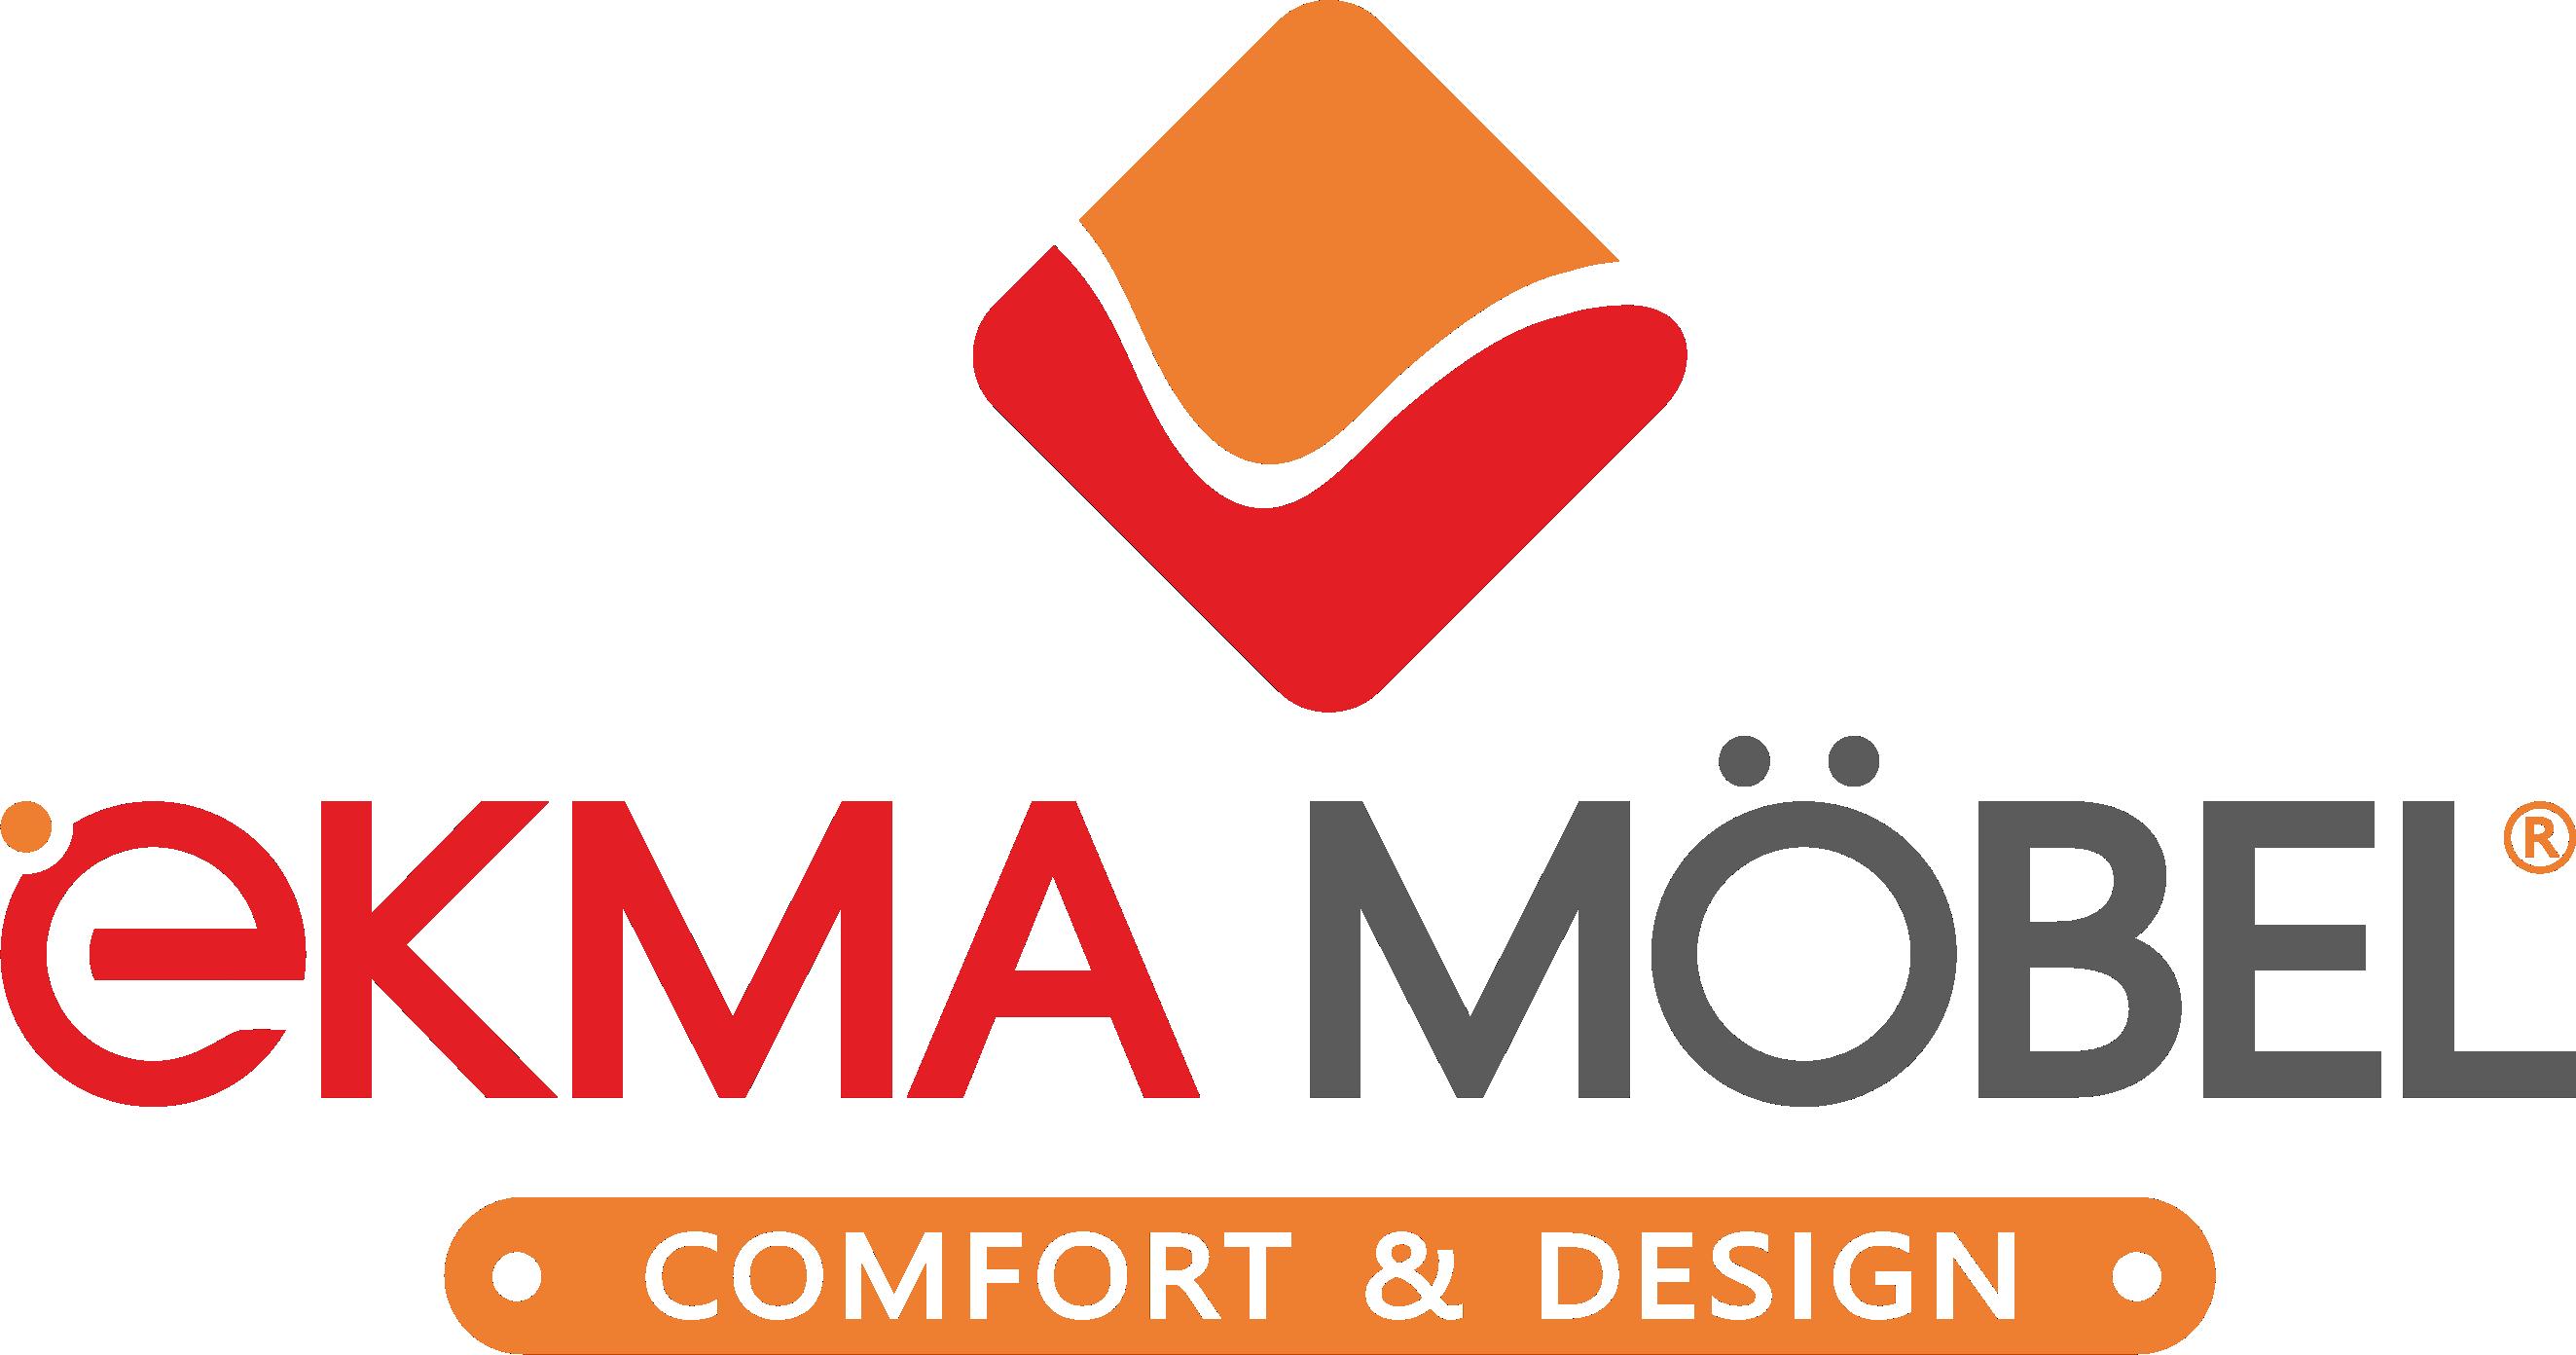 Ekma Mobel